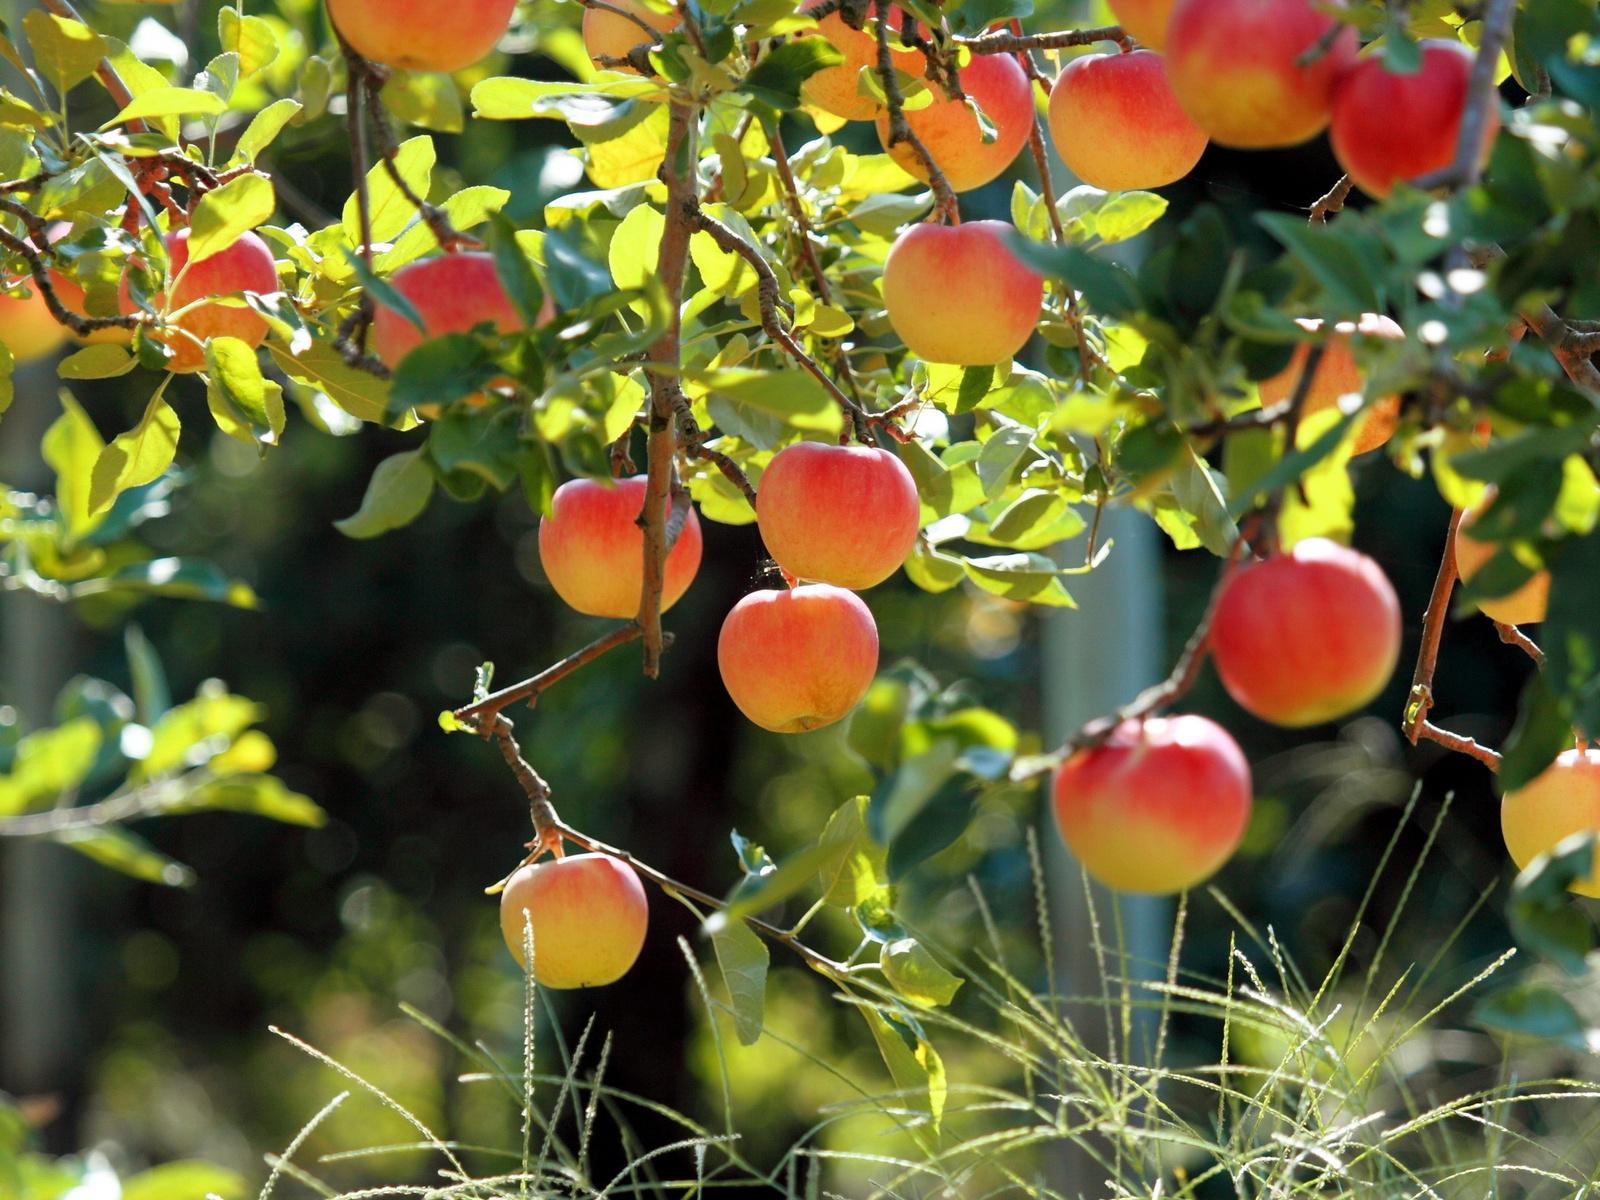 Картинка Яблоня с яблоками » Деревья » Природа » Картинки ...